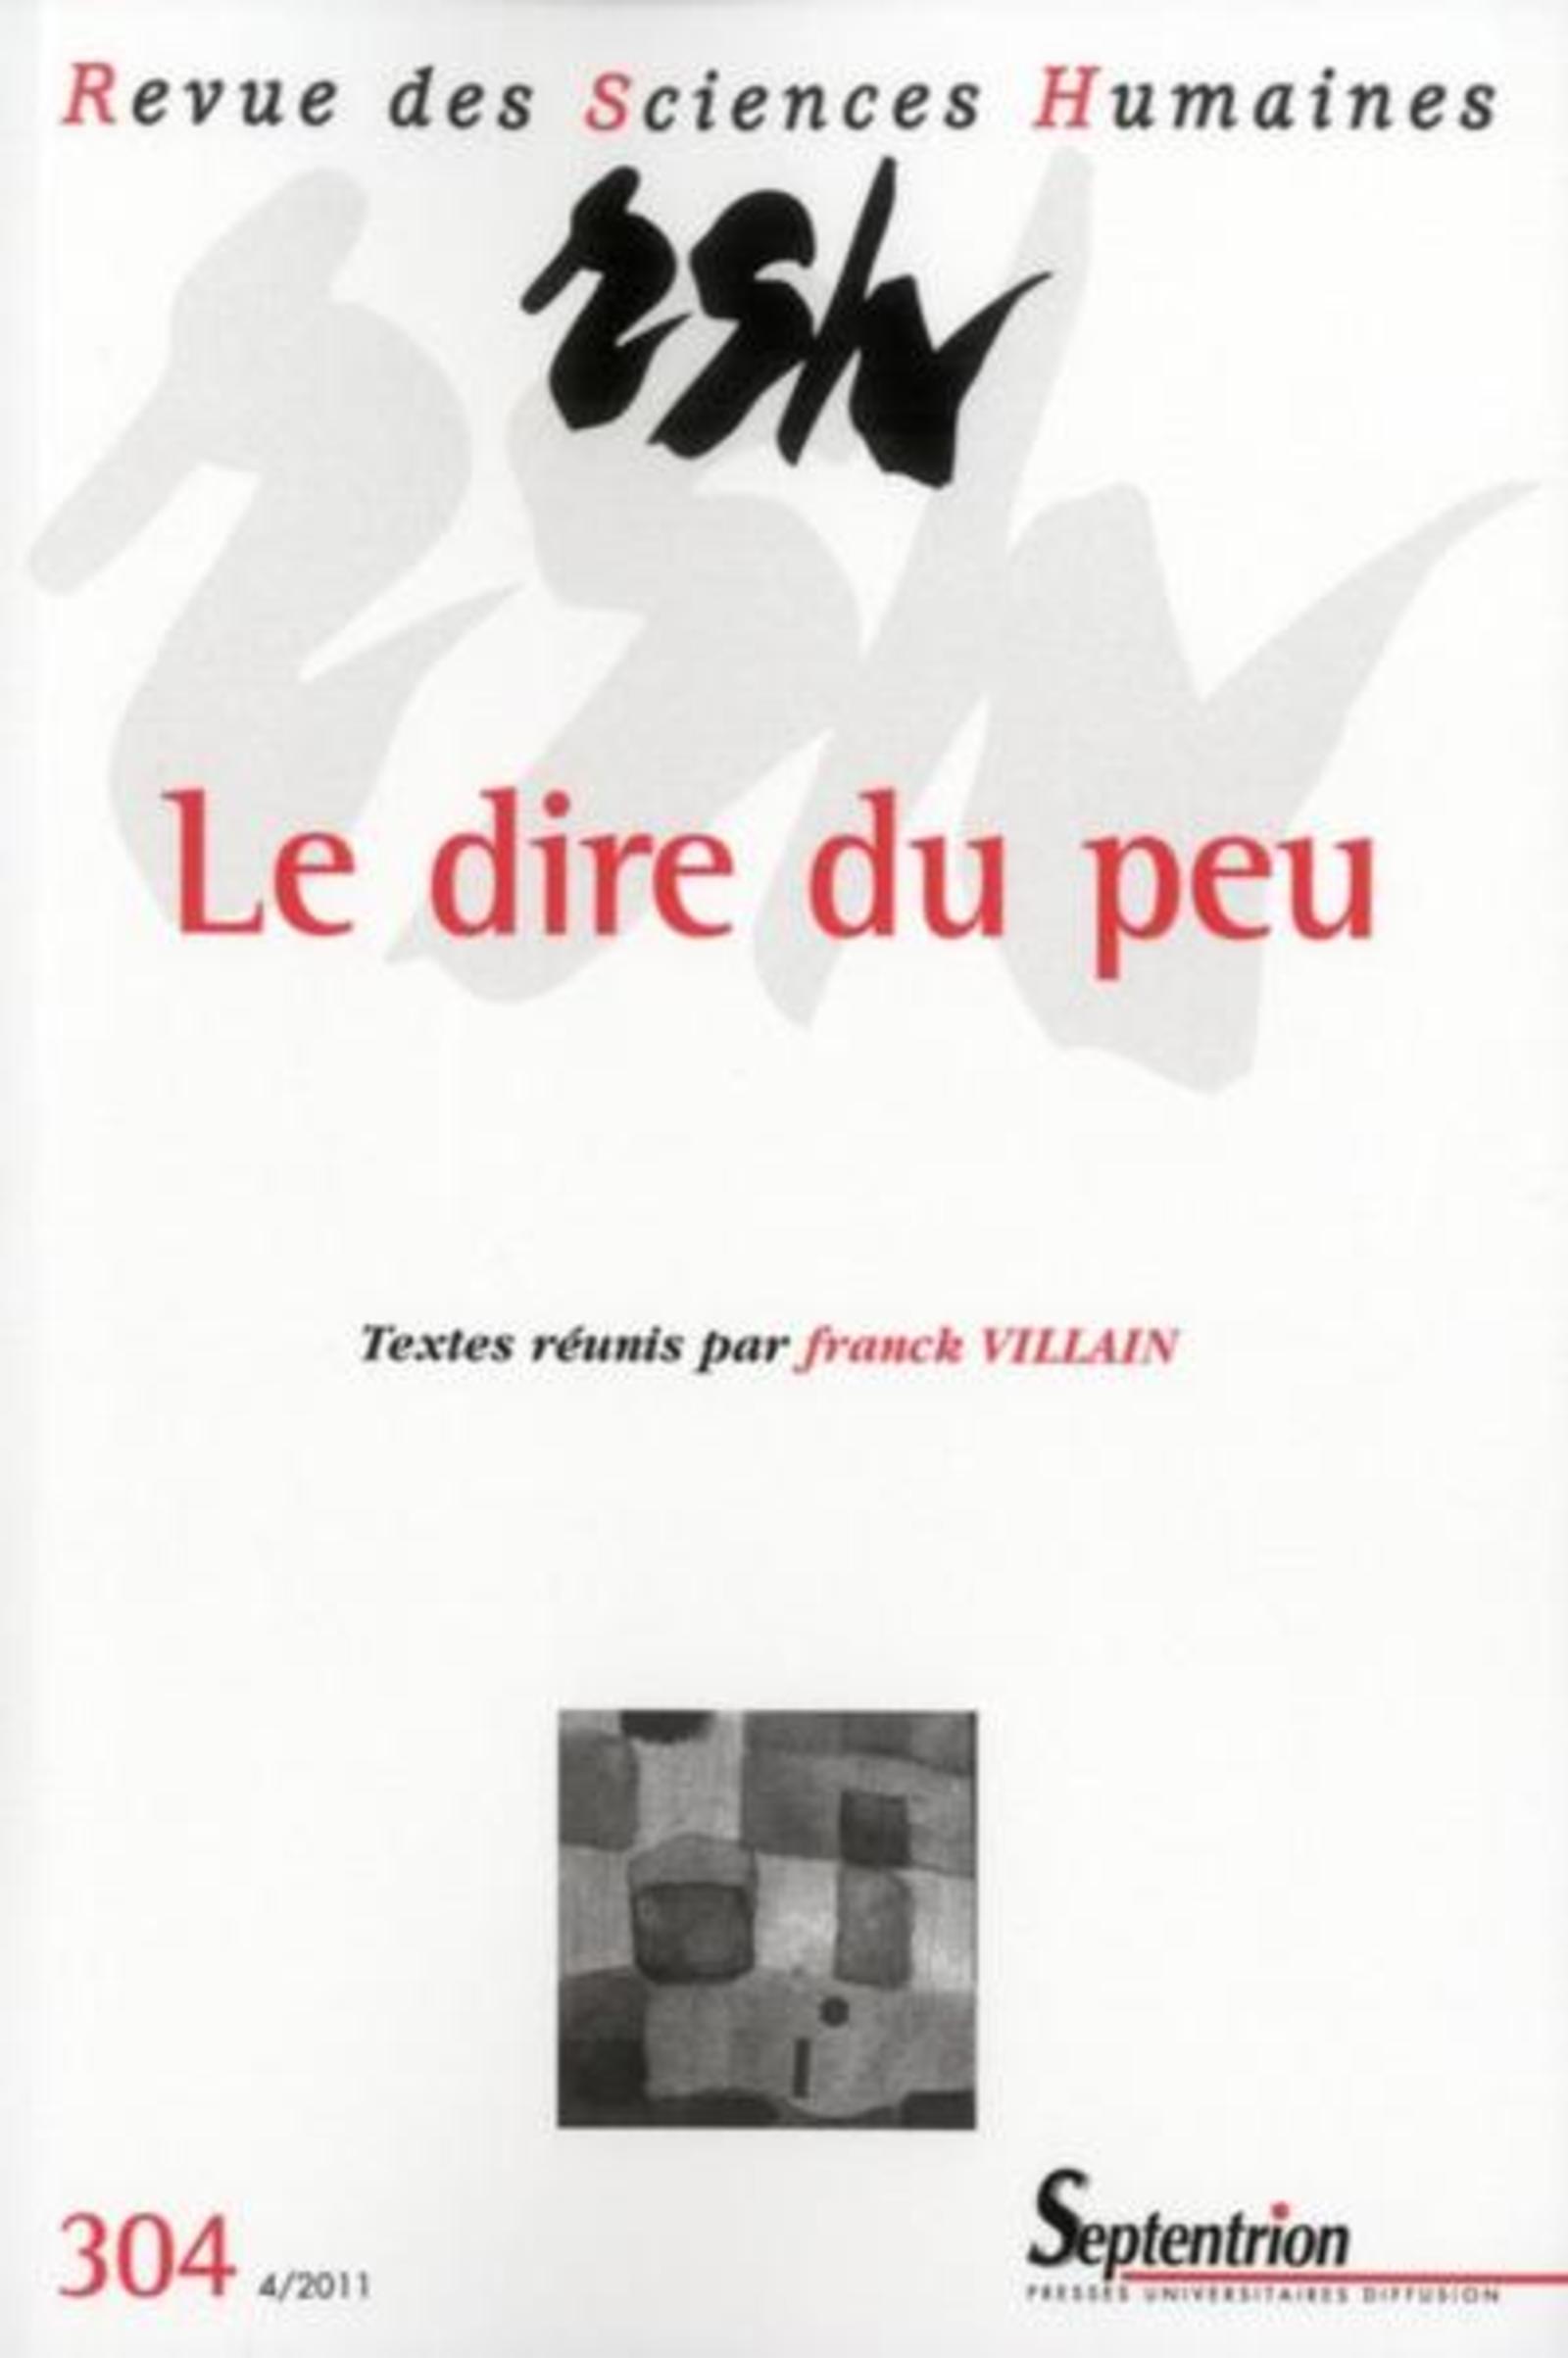 REVUE DES SCIENCES HUMAINES, N 304/OCTOBRE - DECEMBRE 2011 - LE DIRE DU PEU